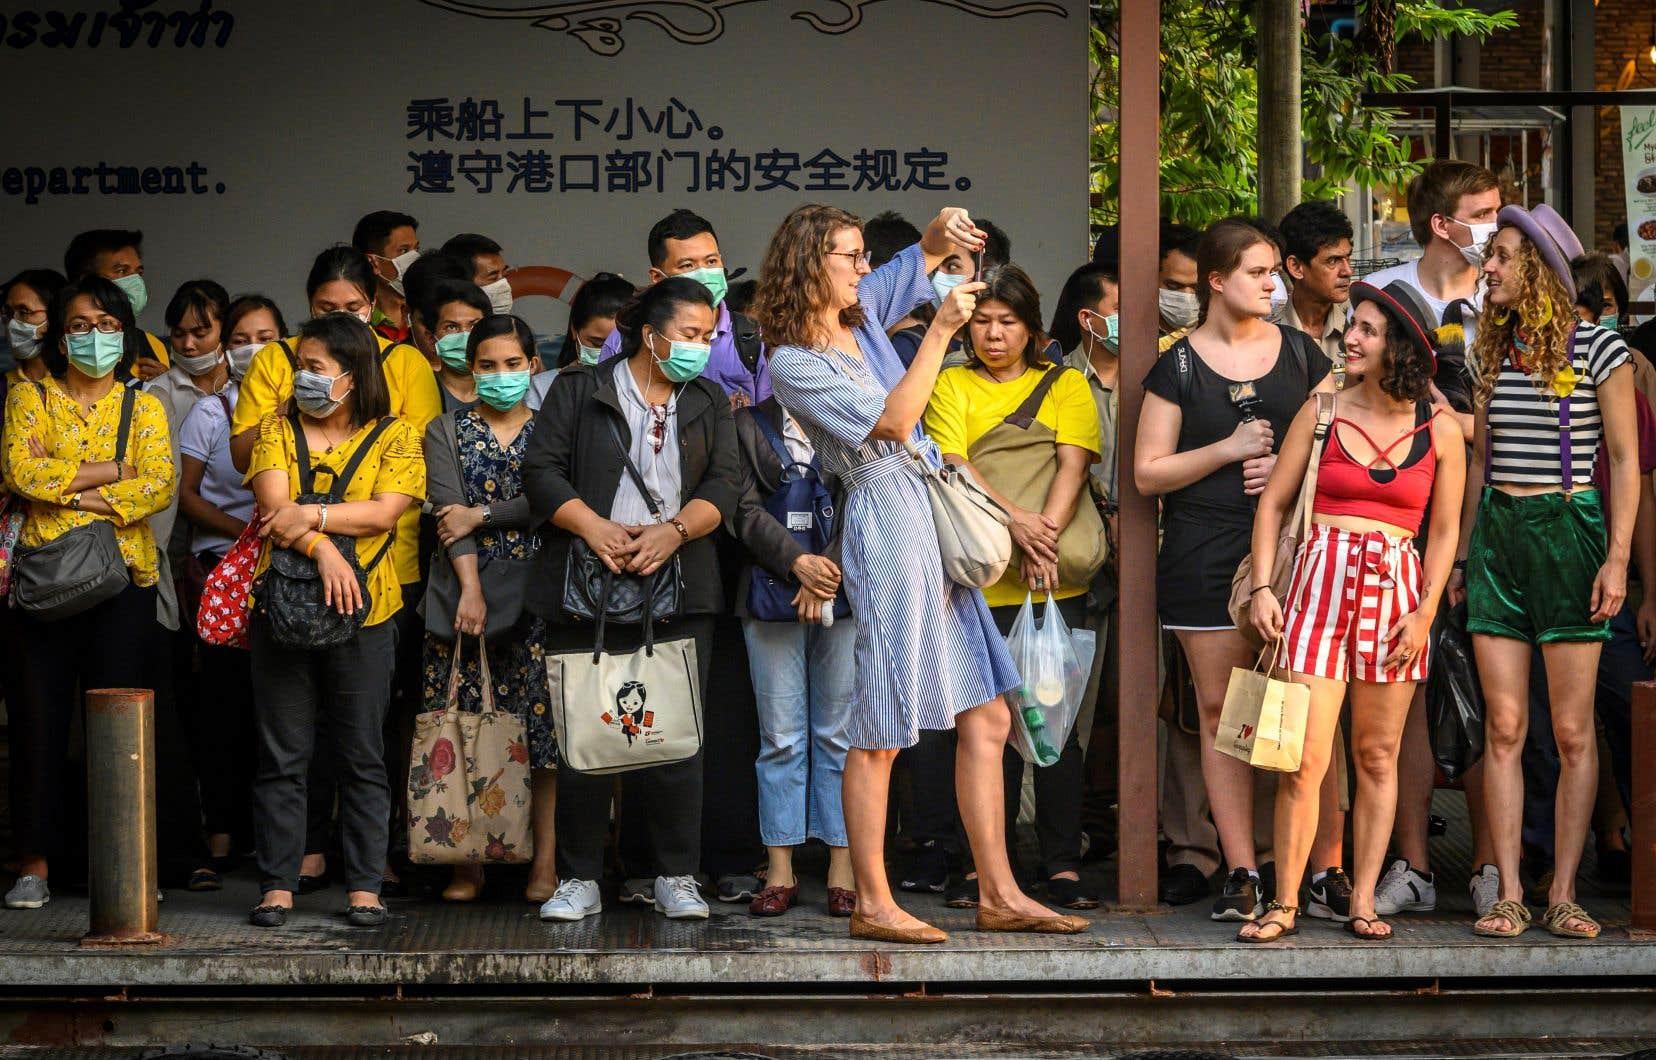 La Thaïlande, qui a enregistré 43 cas de contamination, a fait état lundi de son premier décès, un Thaïlandais de 35ans qui souffrait également de la dengue.